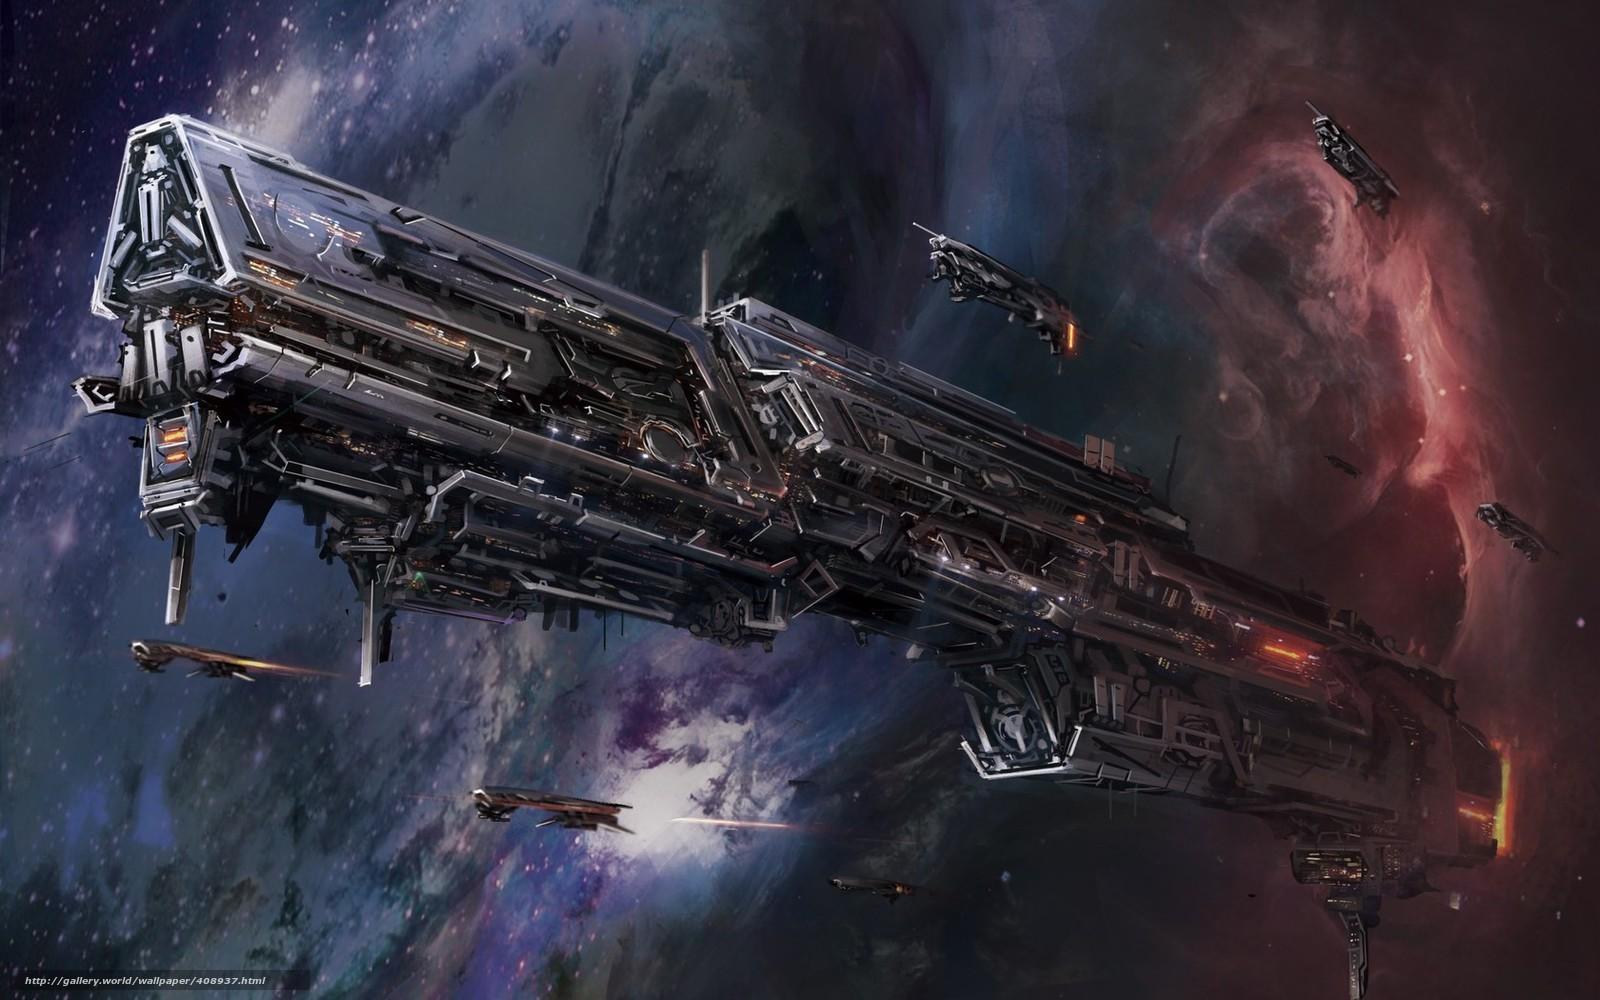 Скачать обои арт,  космос,  корабль,  самолёты бесплатно для рабочего стола в разрешении 1680x1050 — картинка №408937